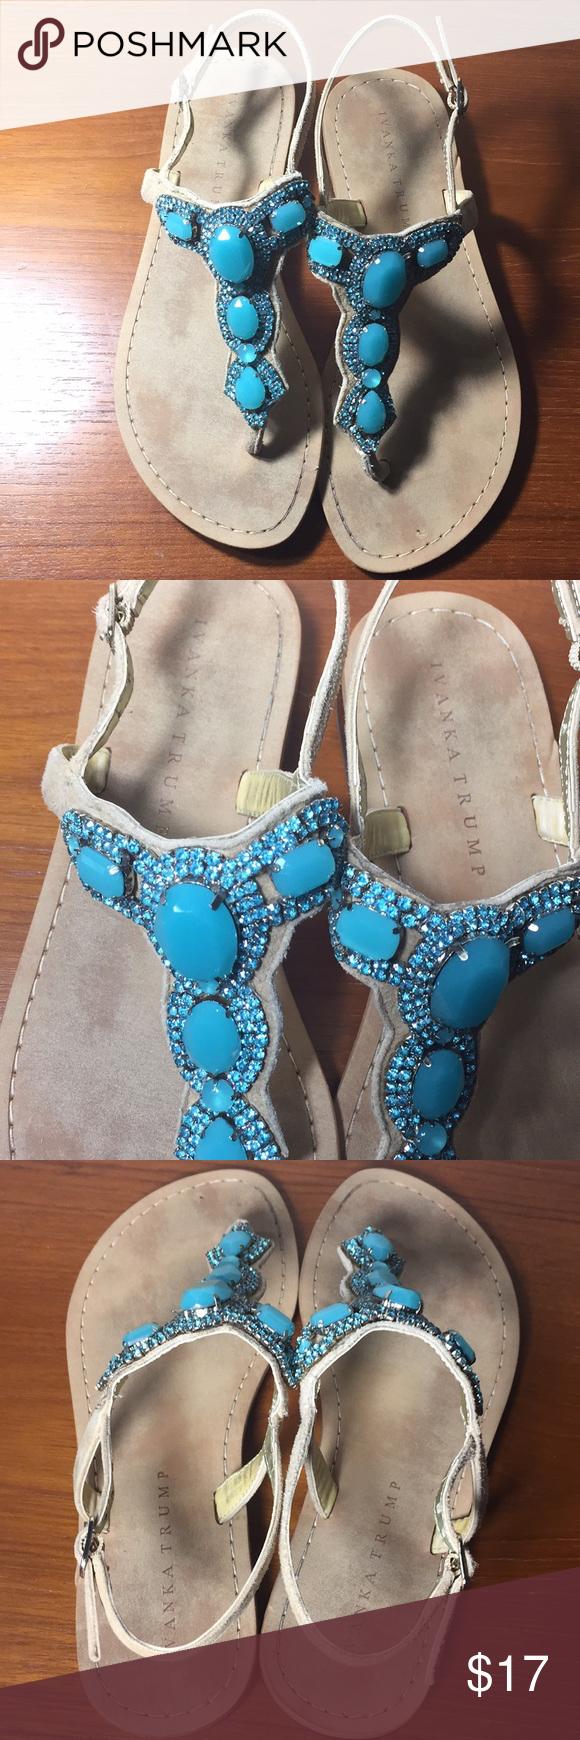 621925b5d6608f Ivanka Trump tan and turquoise jeweled sandals 6 Ivanka Trump sandals